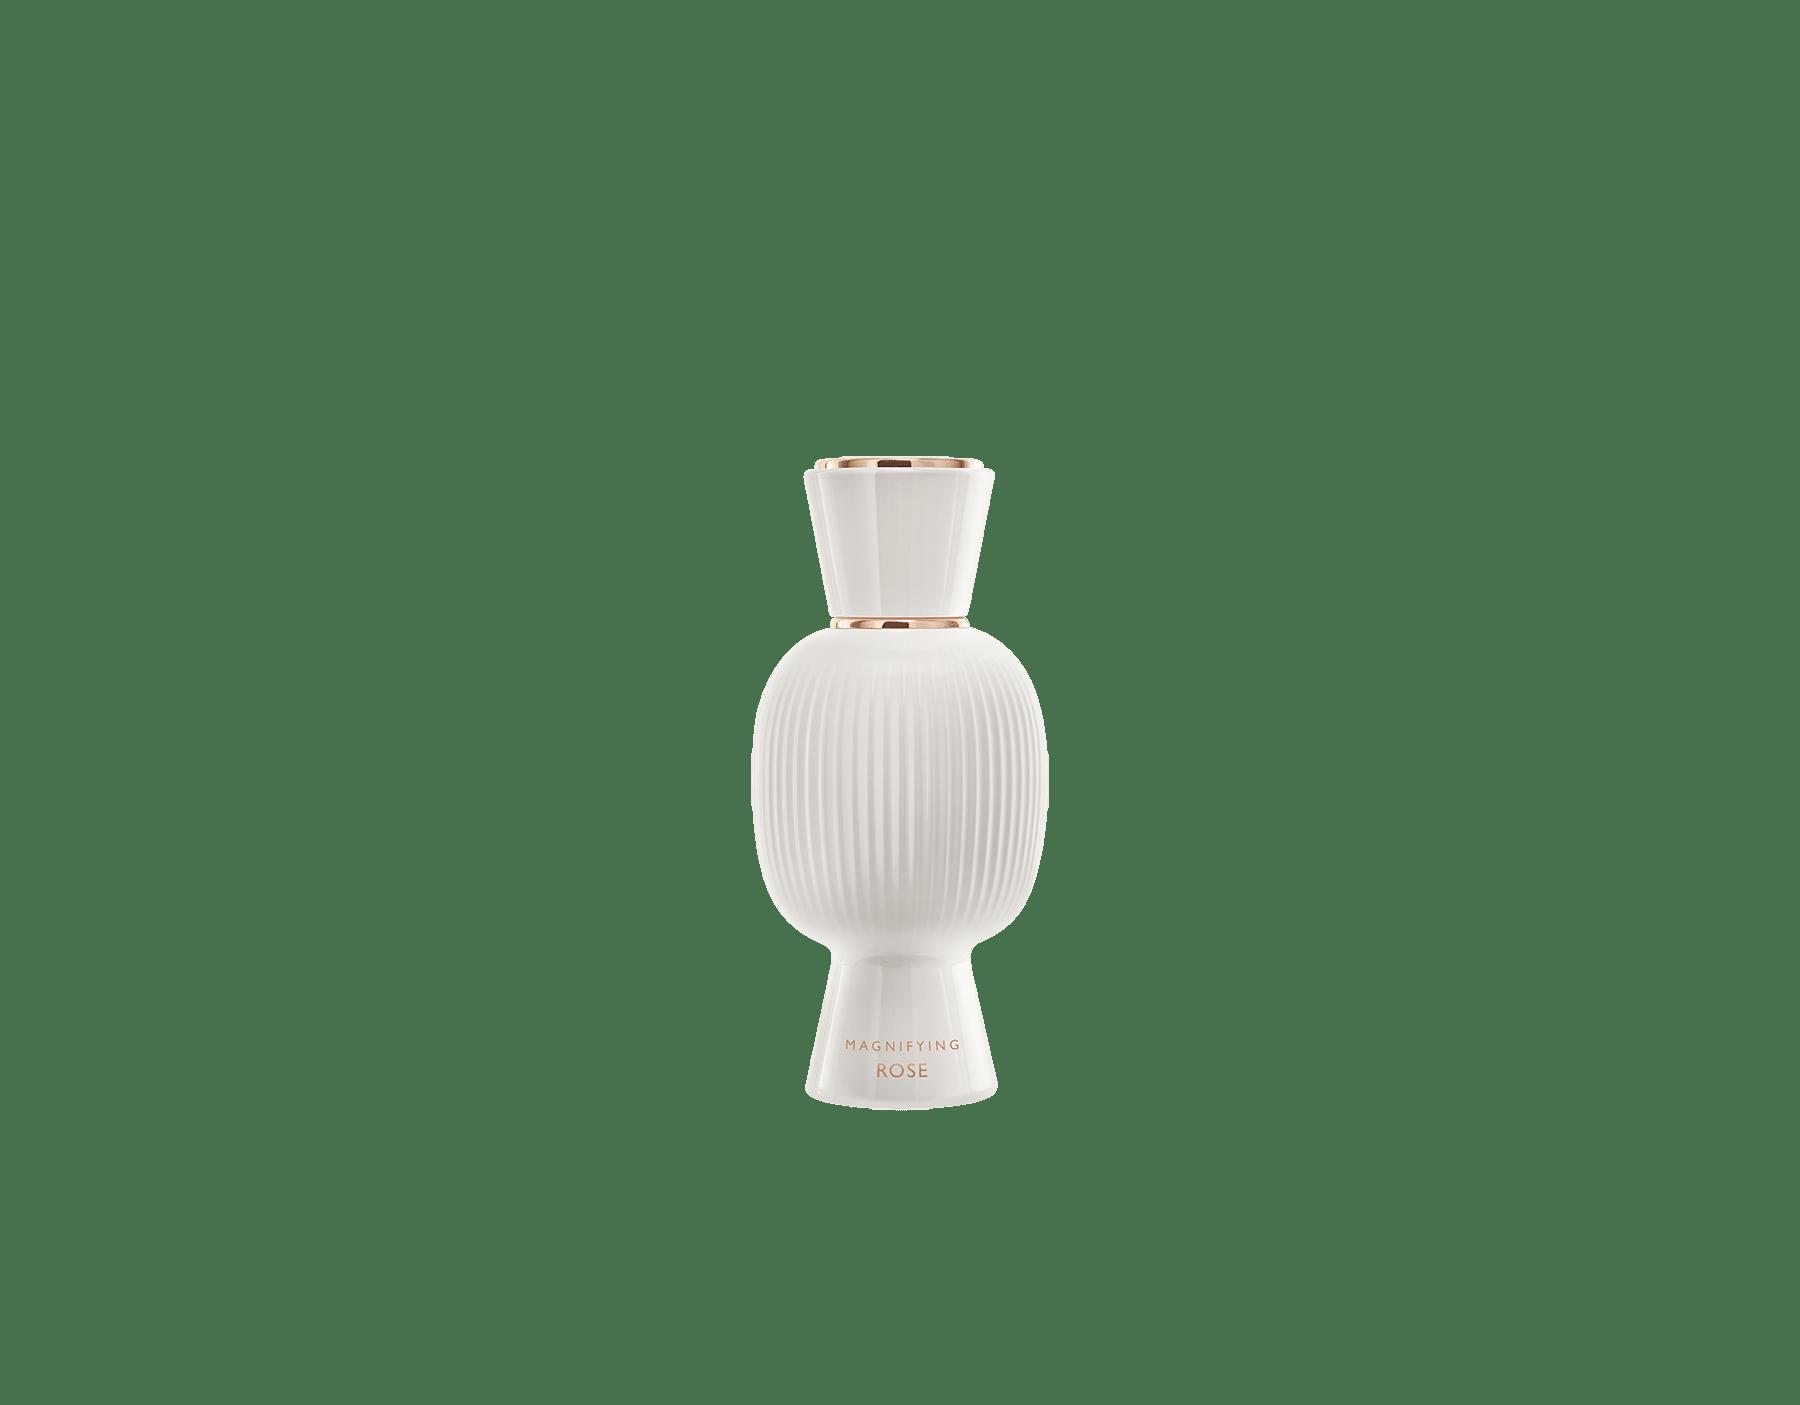 Un coffret de parfums exclusif, aussi unique et audacieux que vous. Pétillante et riche en agrumes, l'Eau de Parfum Allegra Riva Solare se mêle à l'intensité voluptueuse et veloutée de l'essence du Magnifying Rose pour donner vie à une irrésistible fragrance personnalisée.  Perfume-Set-Riva-Solare-Eau-de-Parfum-and-Rose-Magnifying image 3